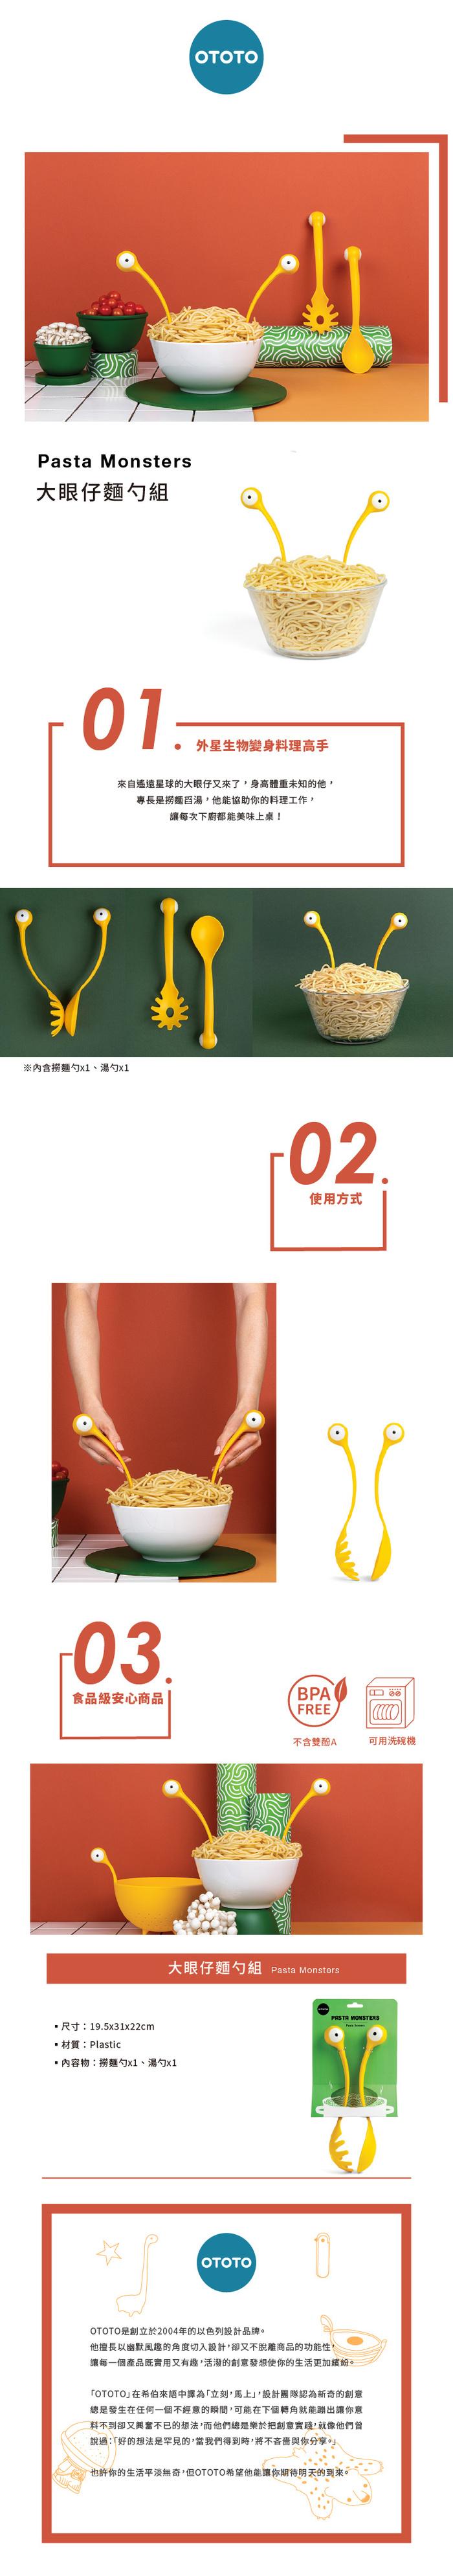 (複製)OTOTO|蘑菇漏斗